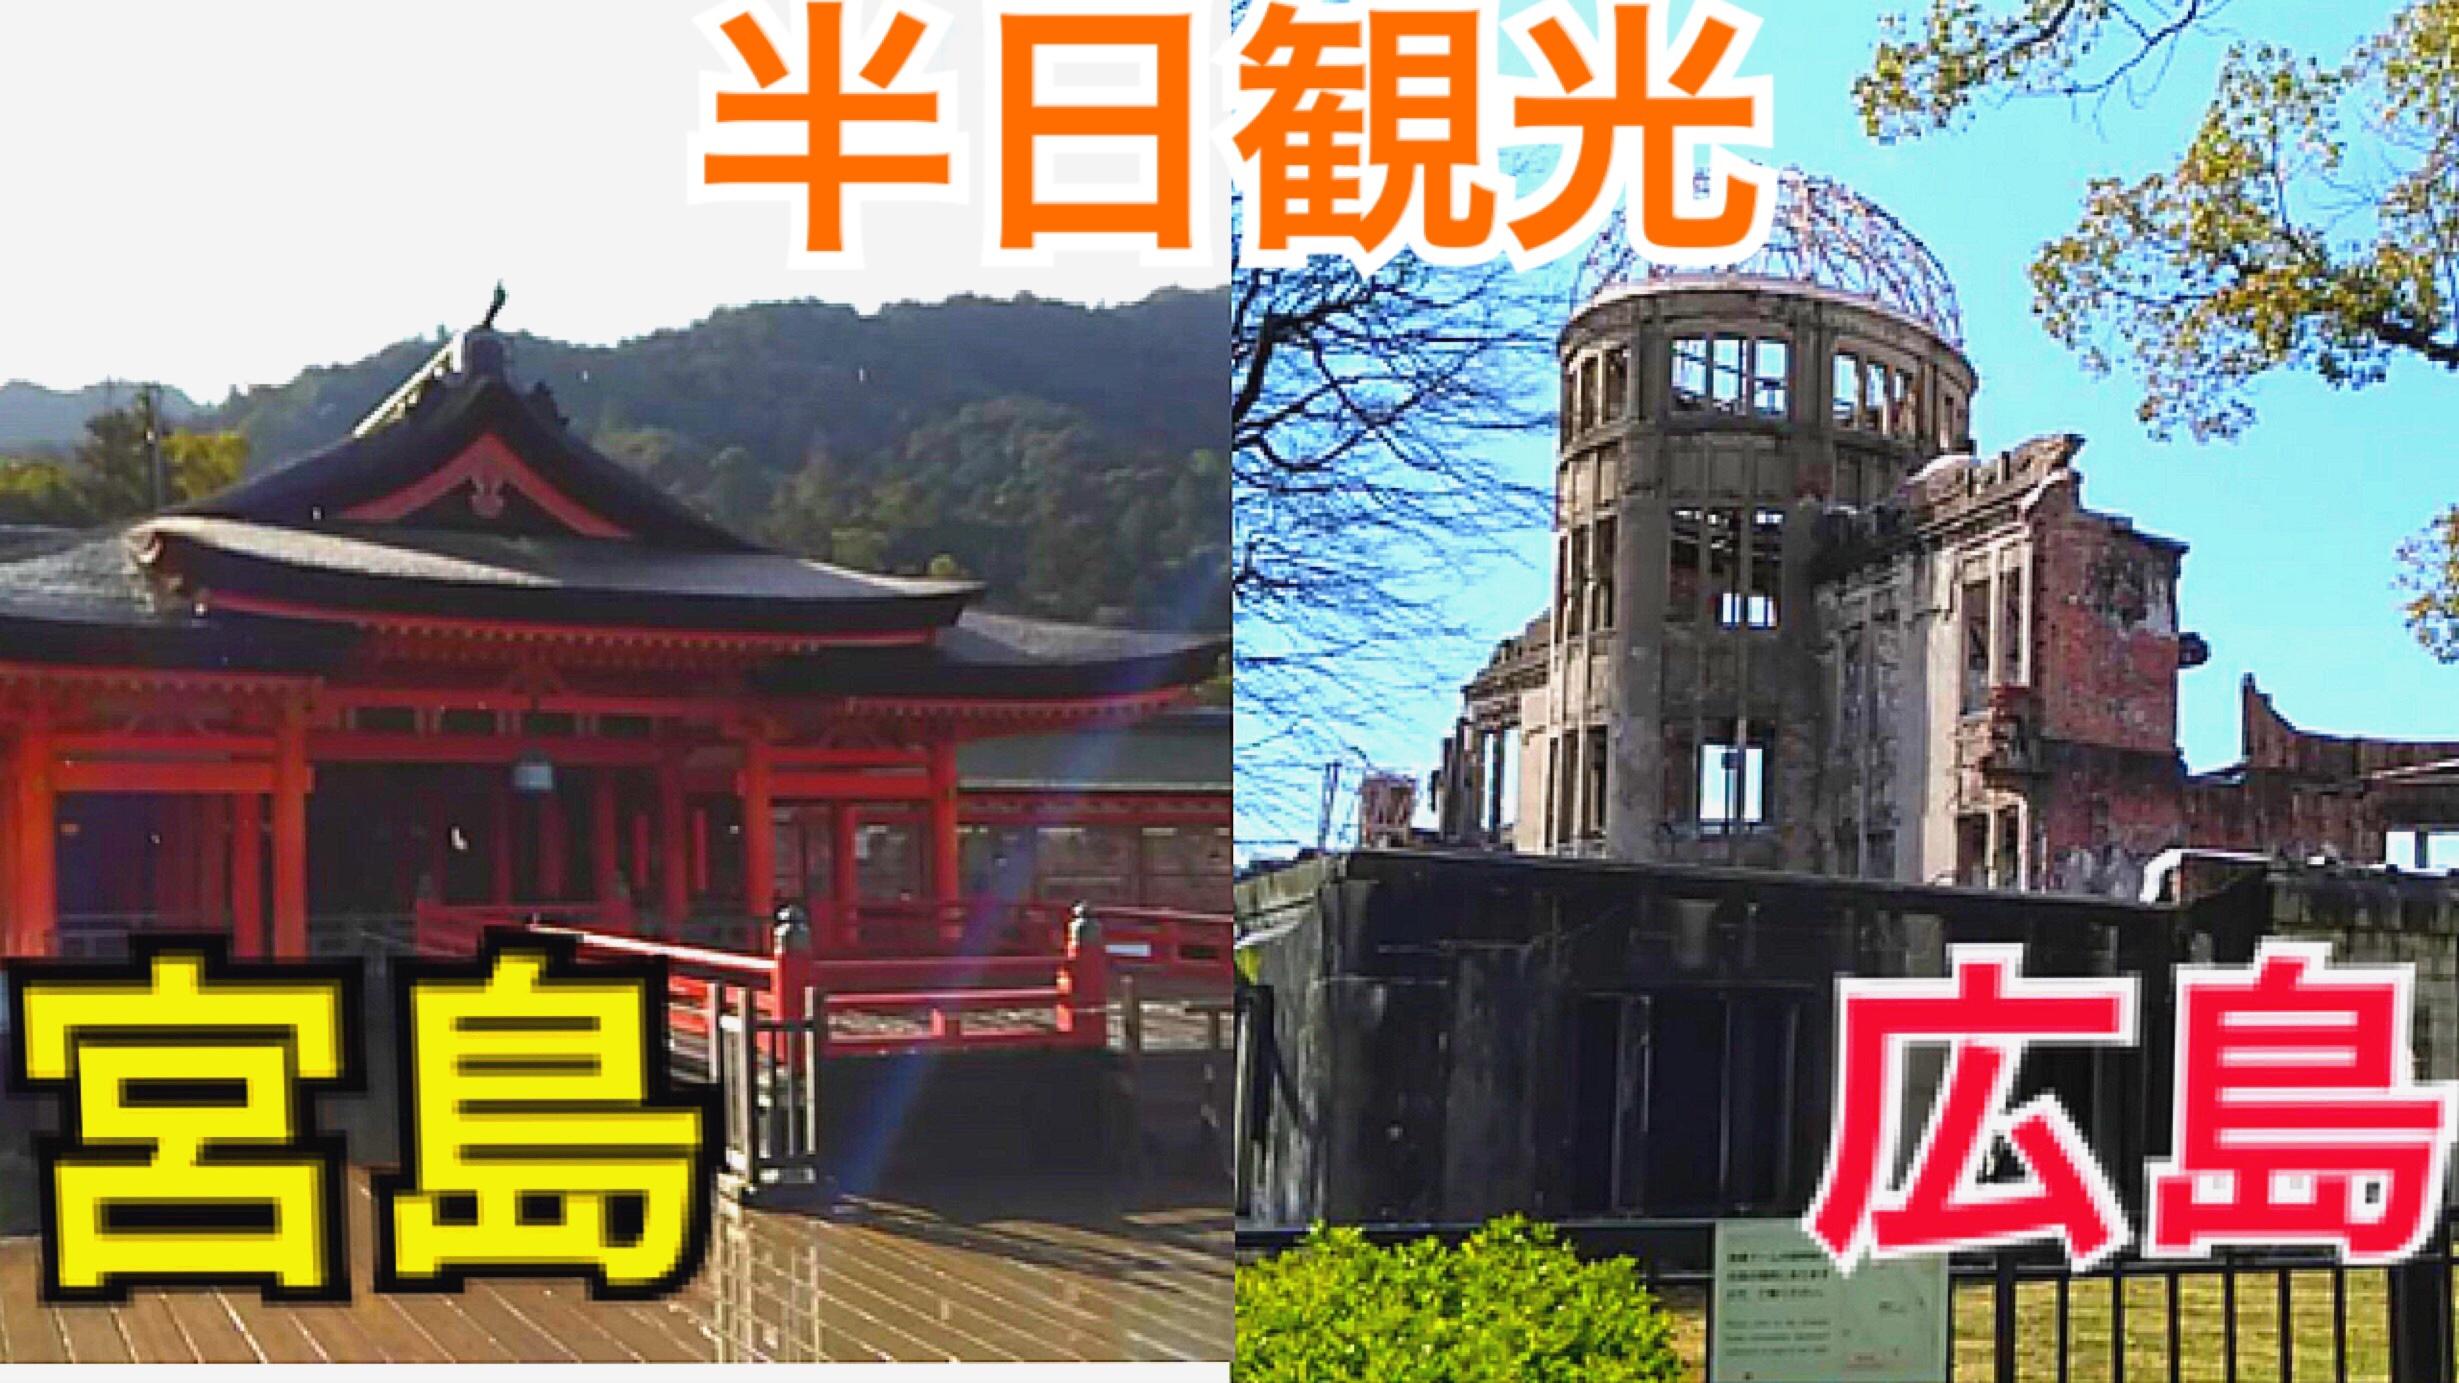 宮島・広島を半日観光!歴史に触れる旅を楽しもう!【日本周遊の旅】